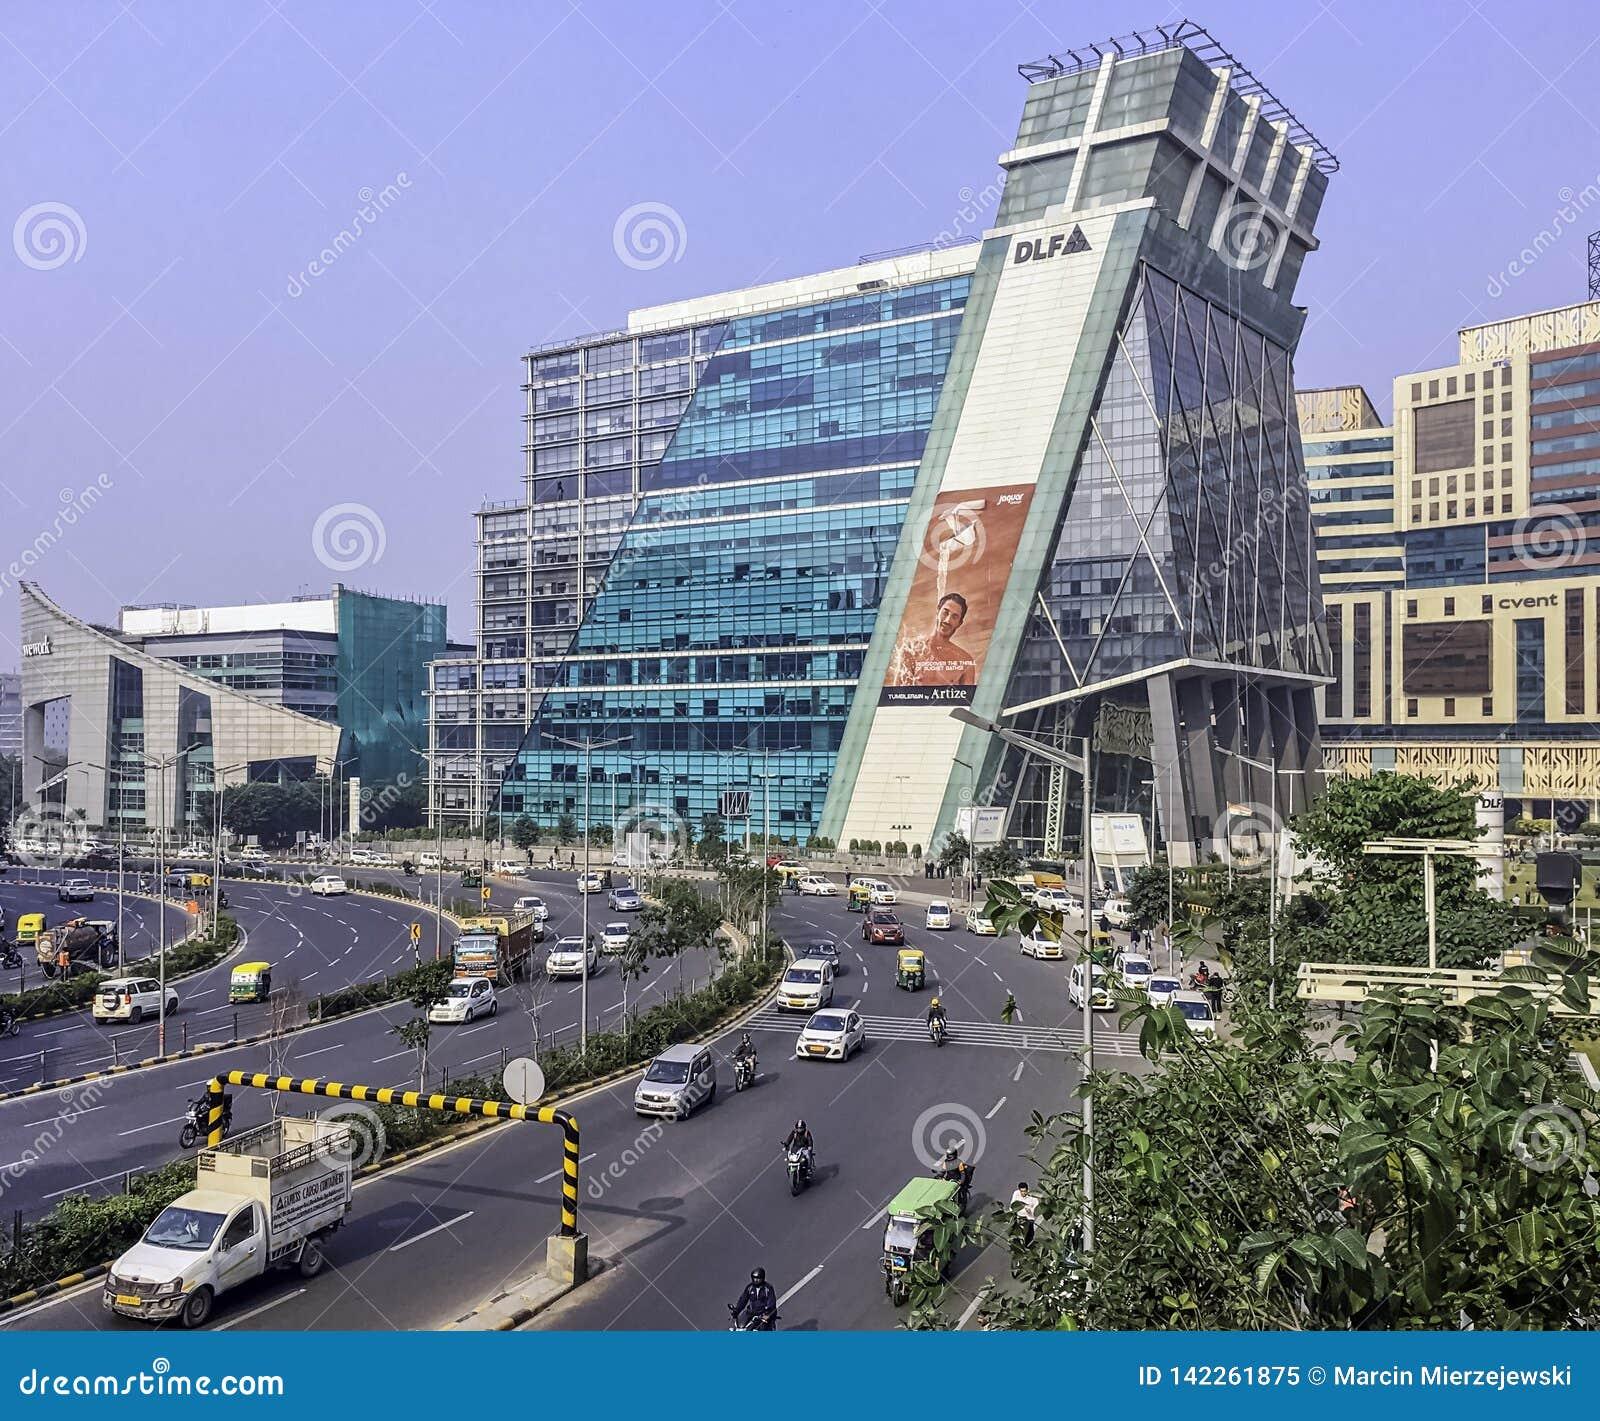 Architettura della città cyber/Cyberhub in Gurgaon, Nuova Delhi, India